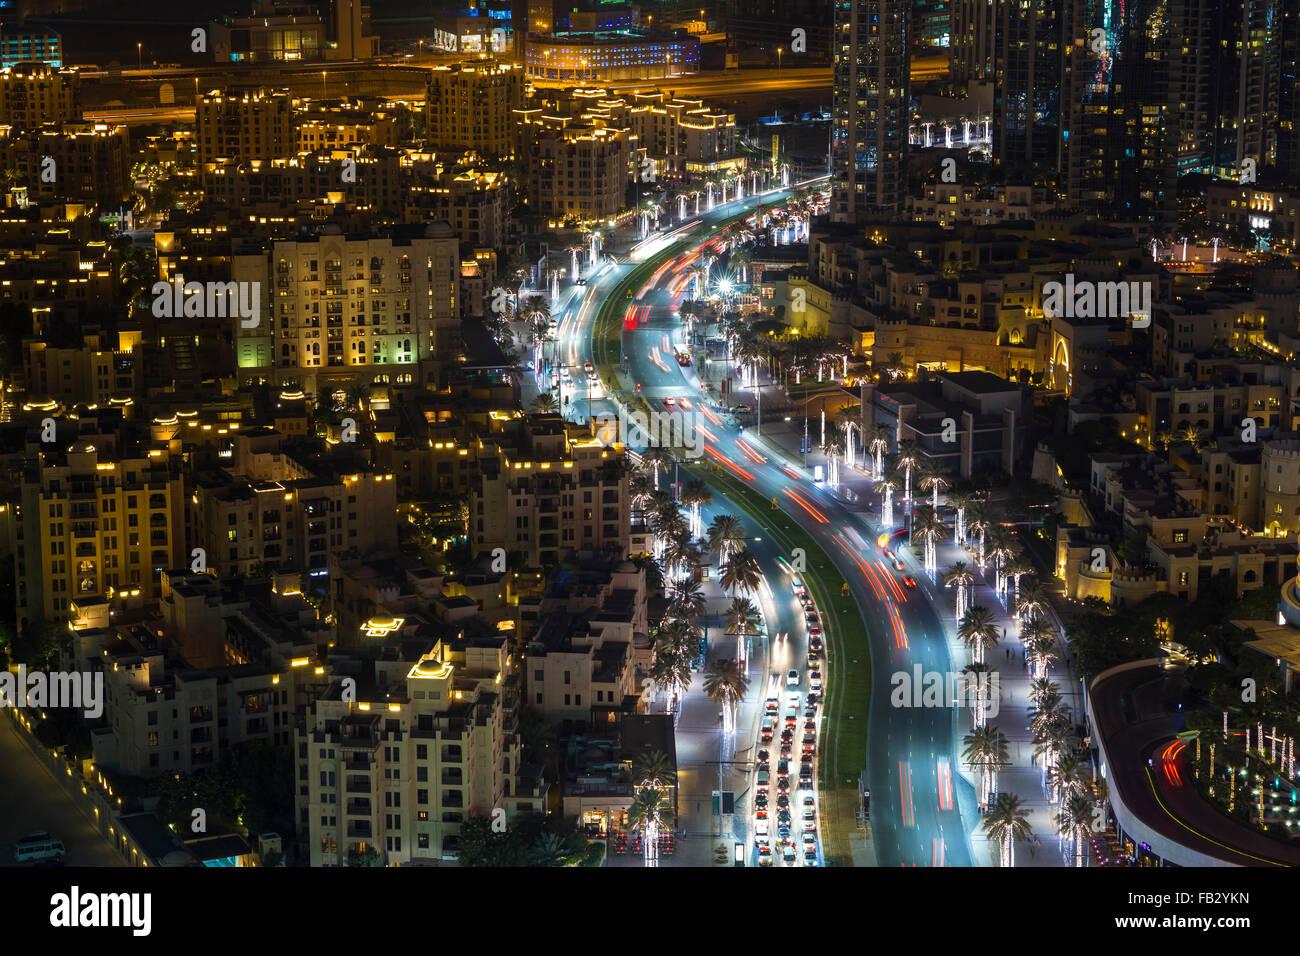 Vereinigte Arabische Emirate, Dubai, Verkehr und neue Hochhäuser entlang Dubais Hauptstraße Stockbild